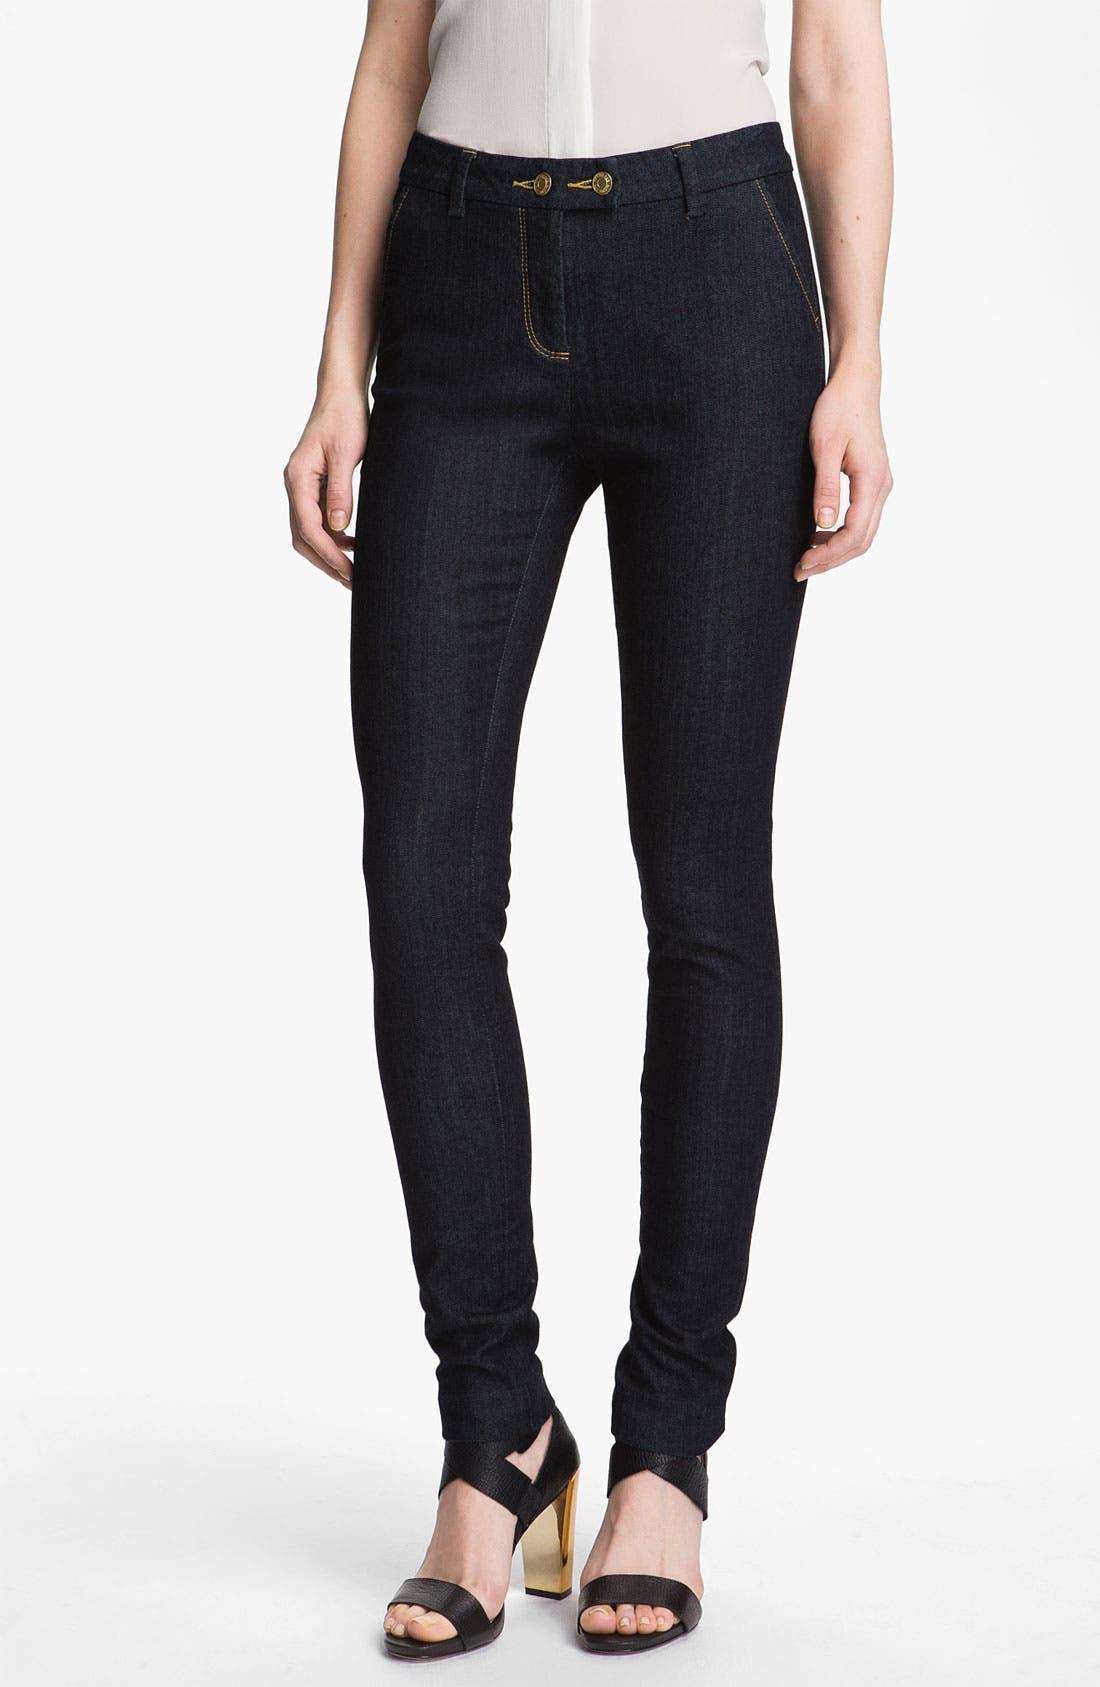 Alternate Image 1 Selected - Rachel Zoe 'Alek' Slim Jeans